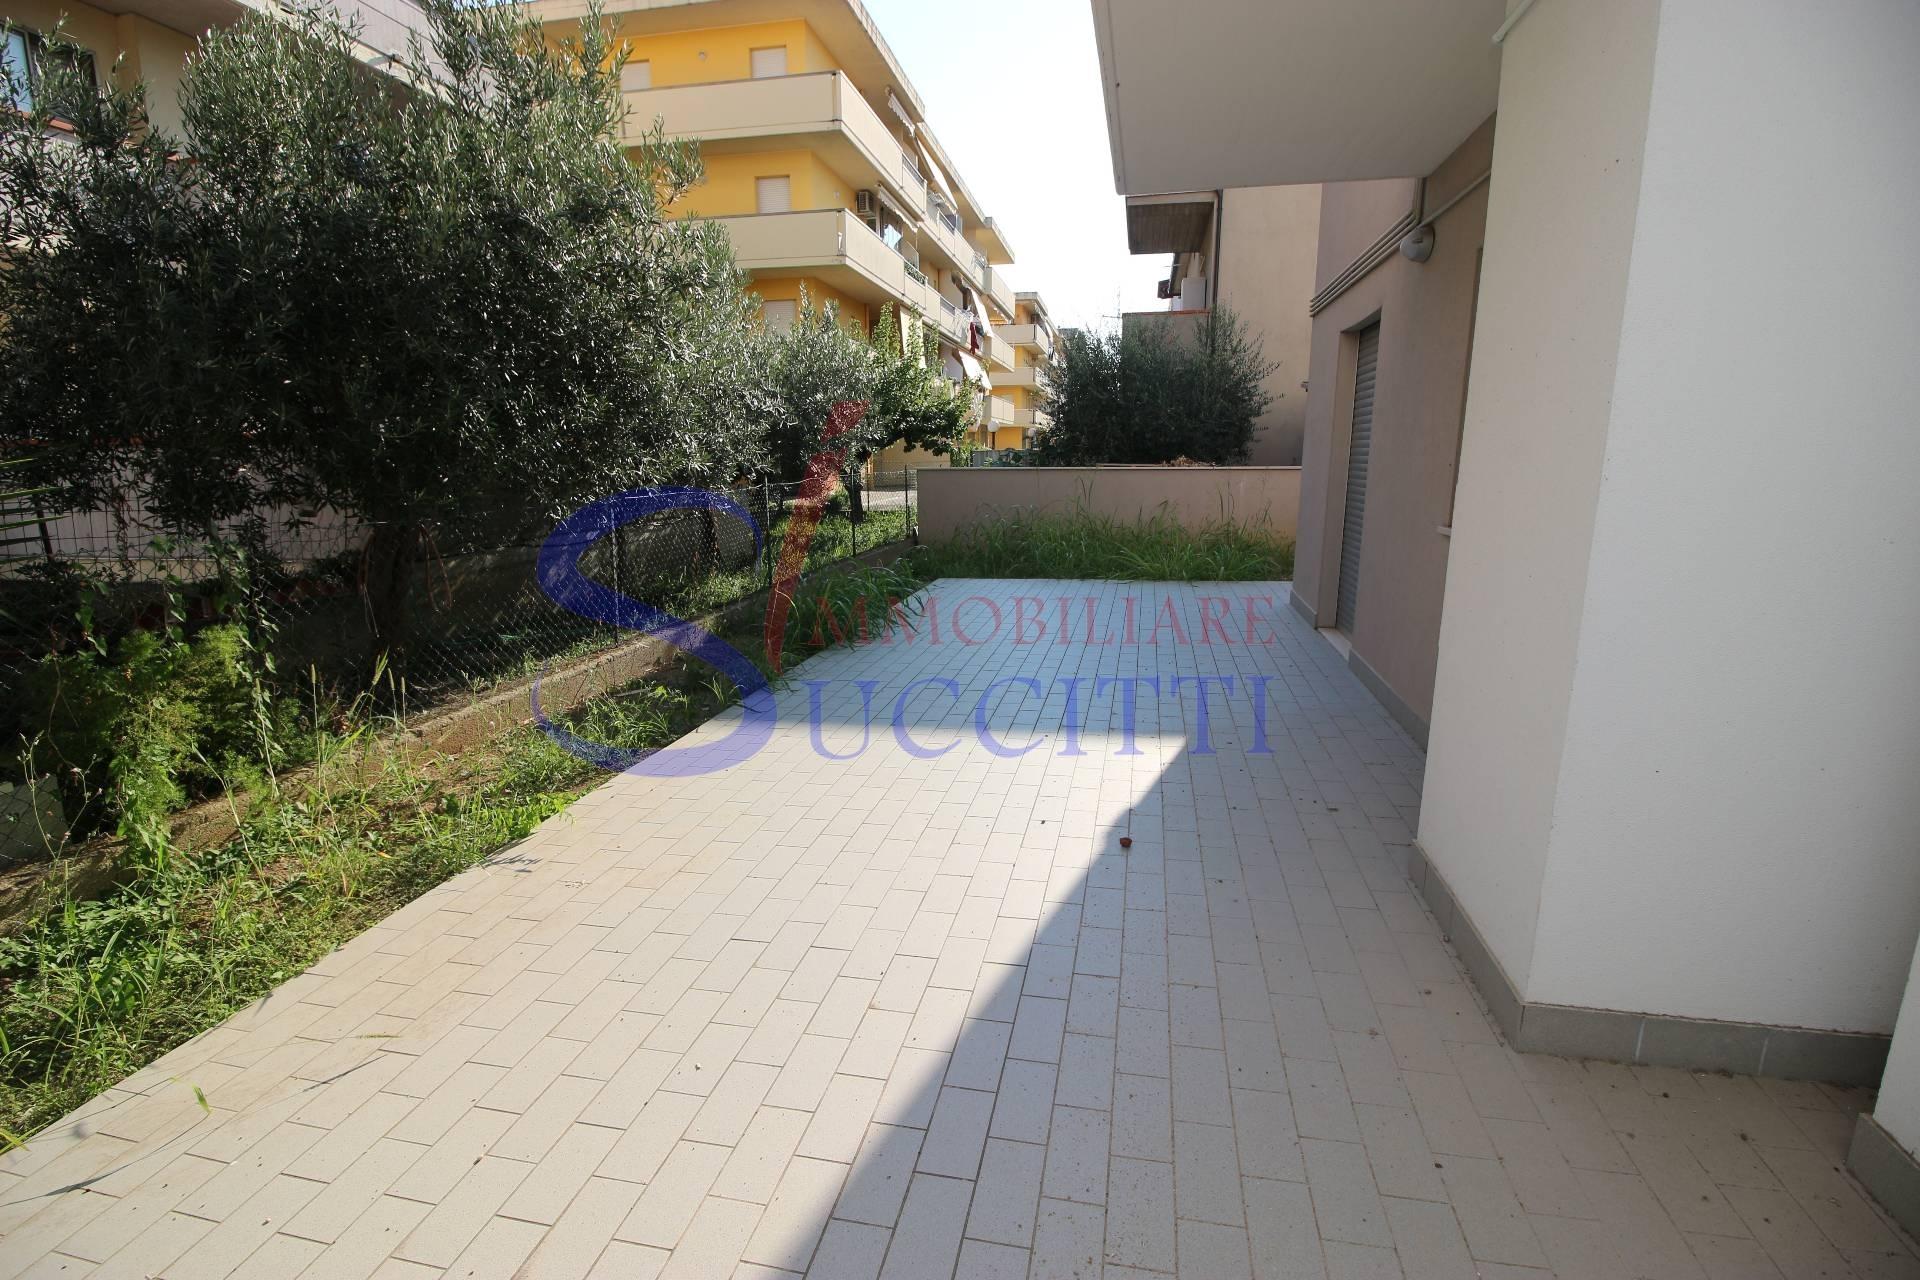 Appartamento in vendita a Alba Adriatica, 3 locali, zona Località: ZonaMare, prezzo € 165.000 | CambioCasa.it